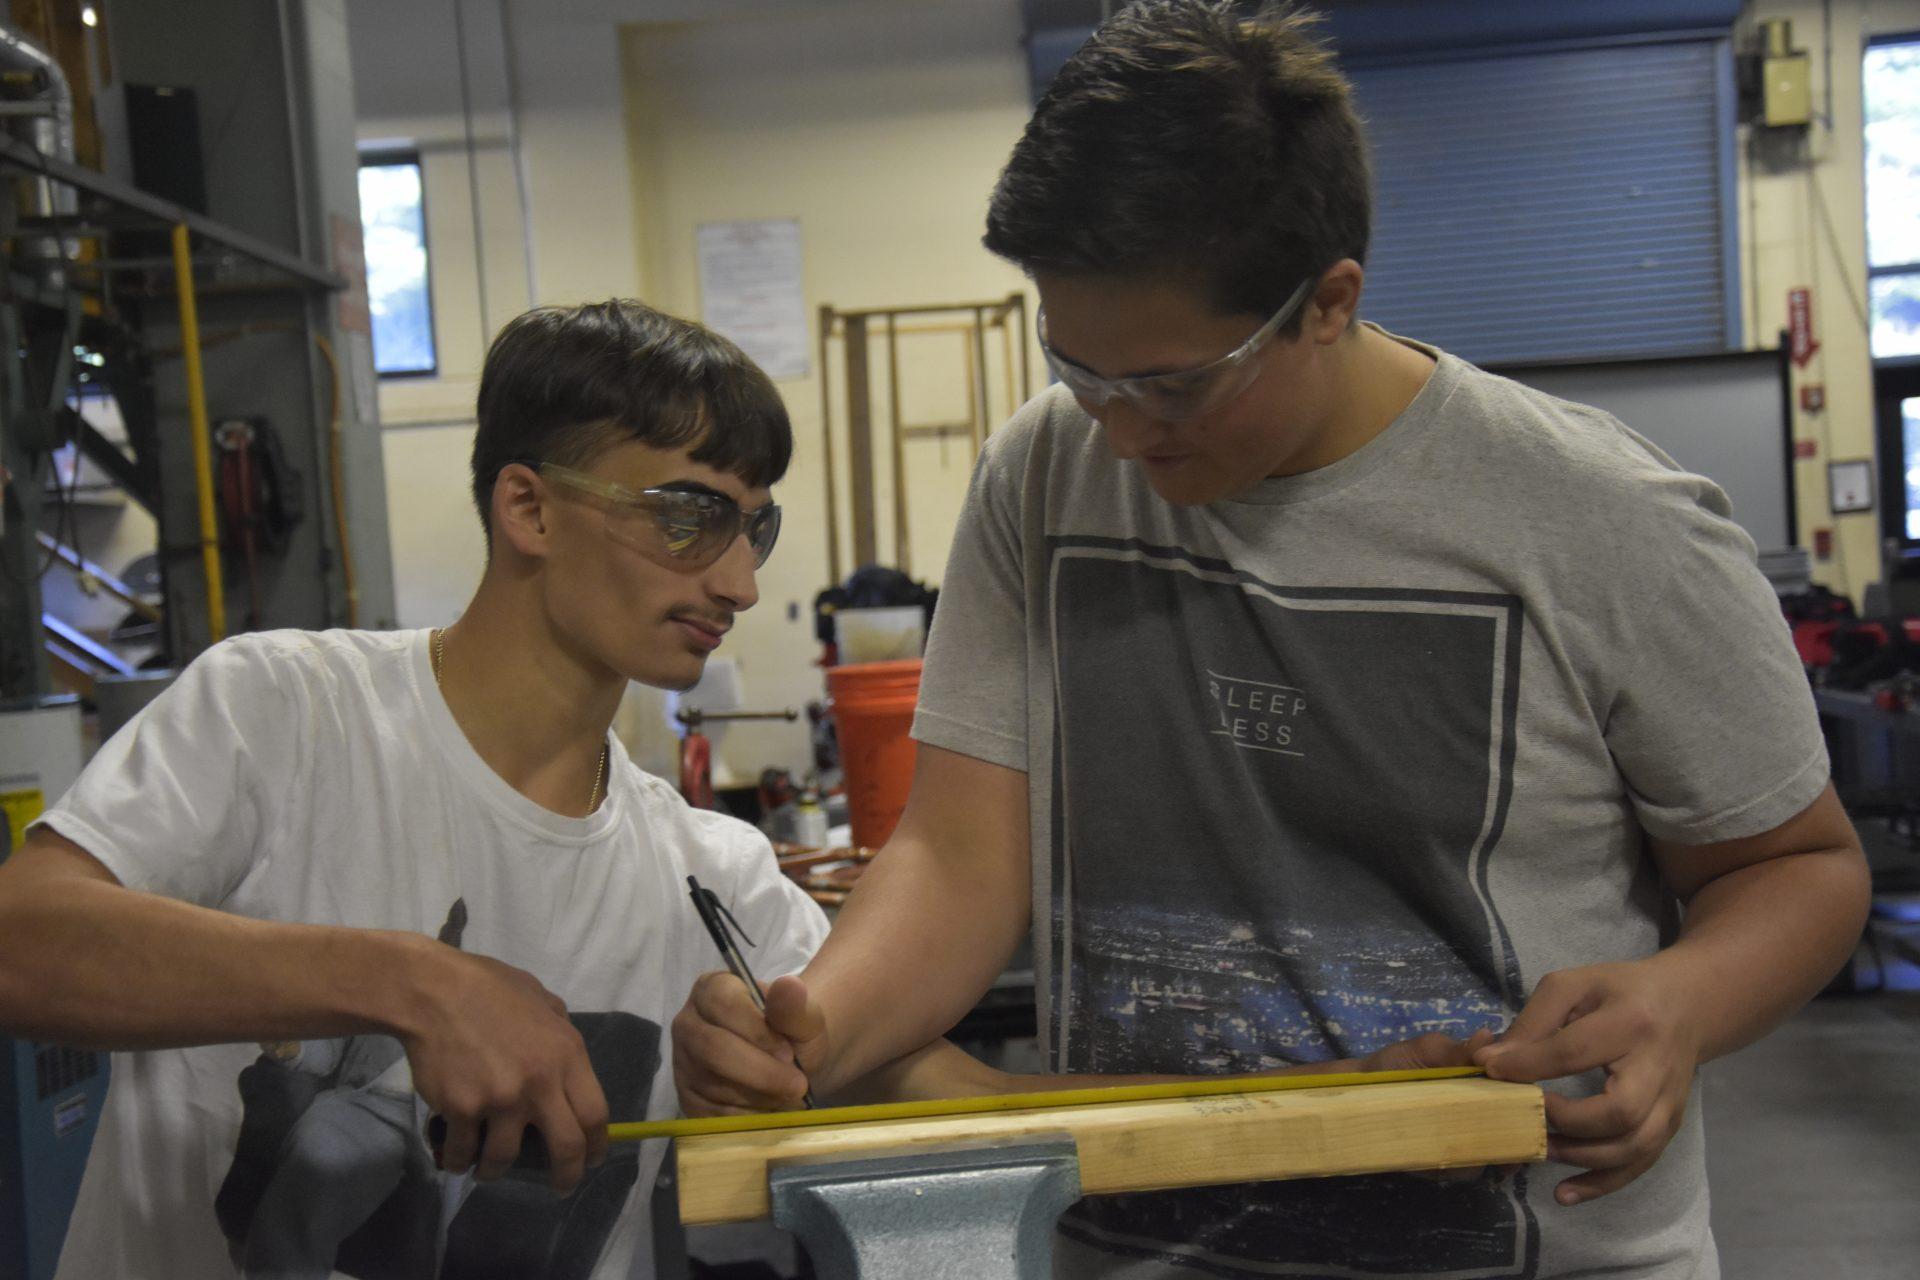 Kids measuring wood